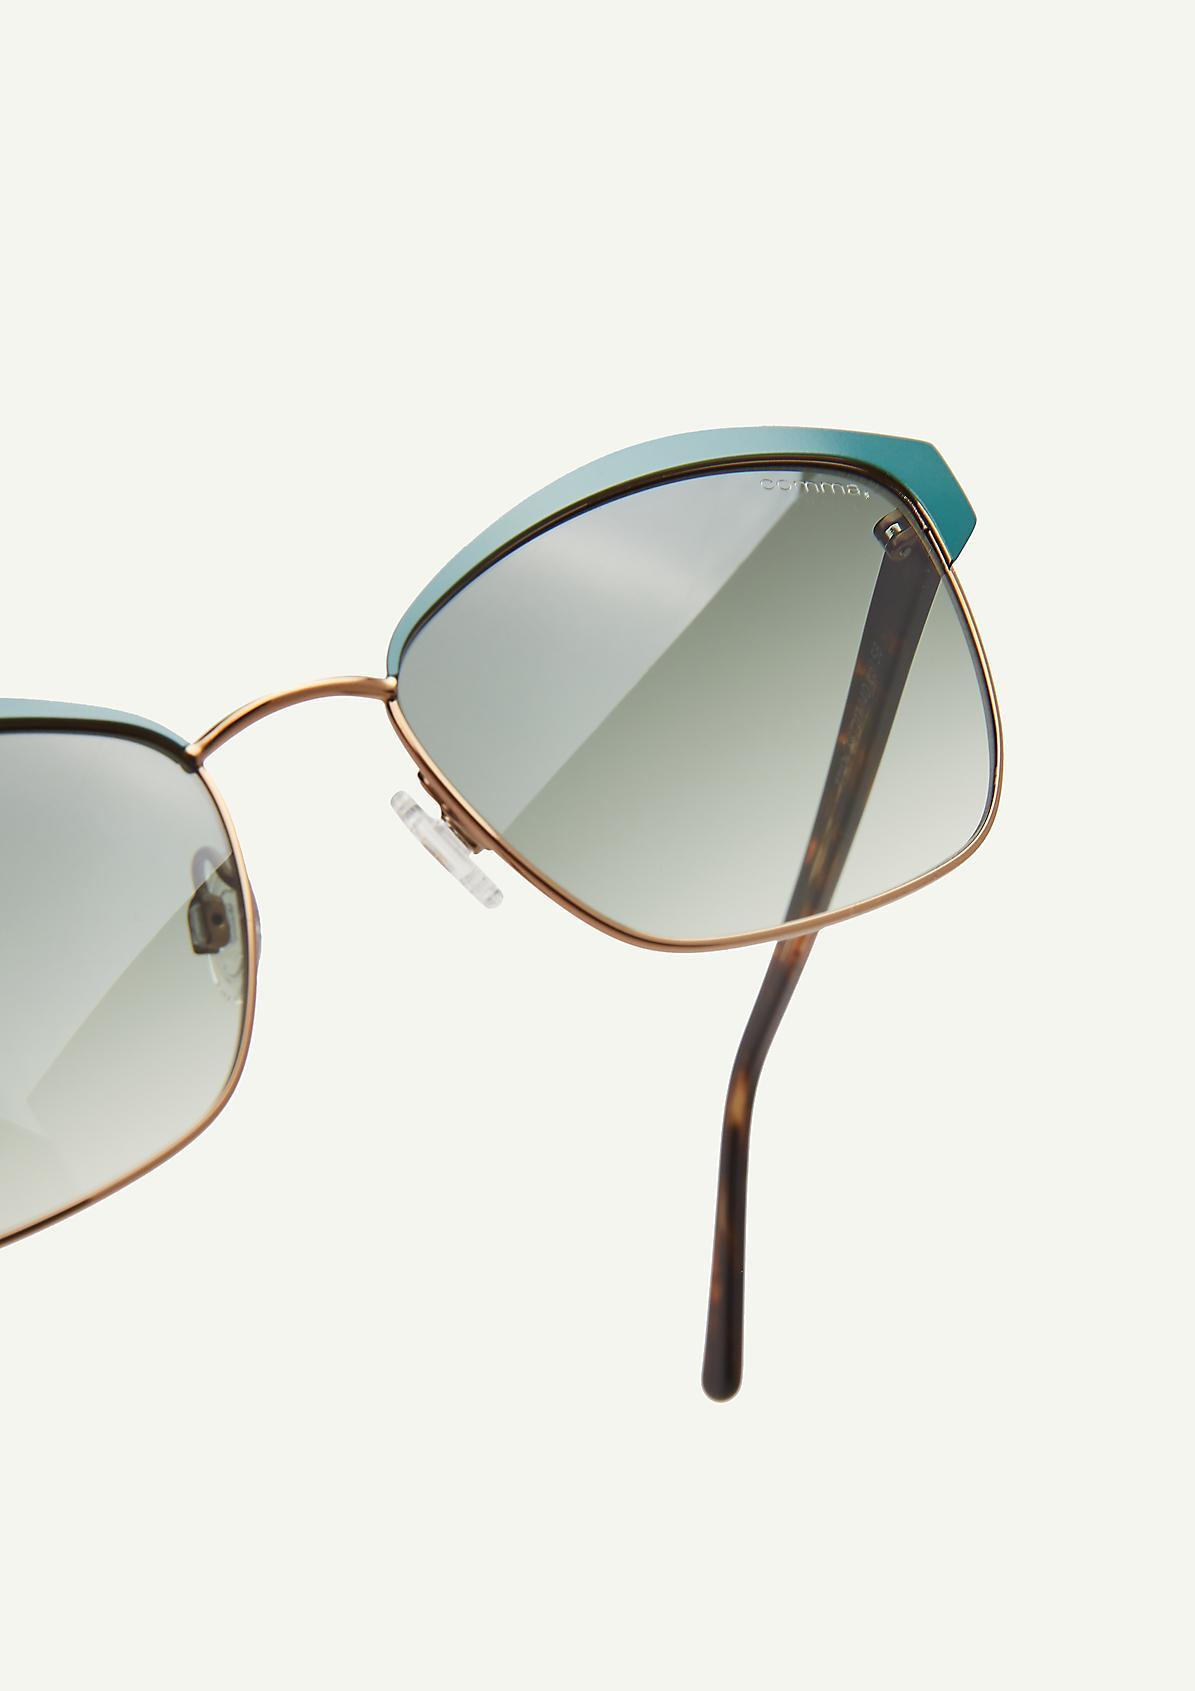 Sonnenbrille in spannender Form